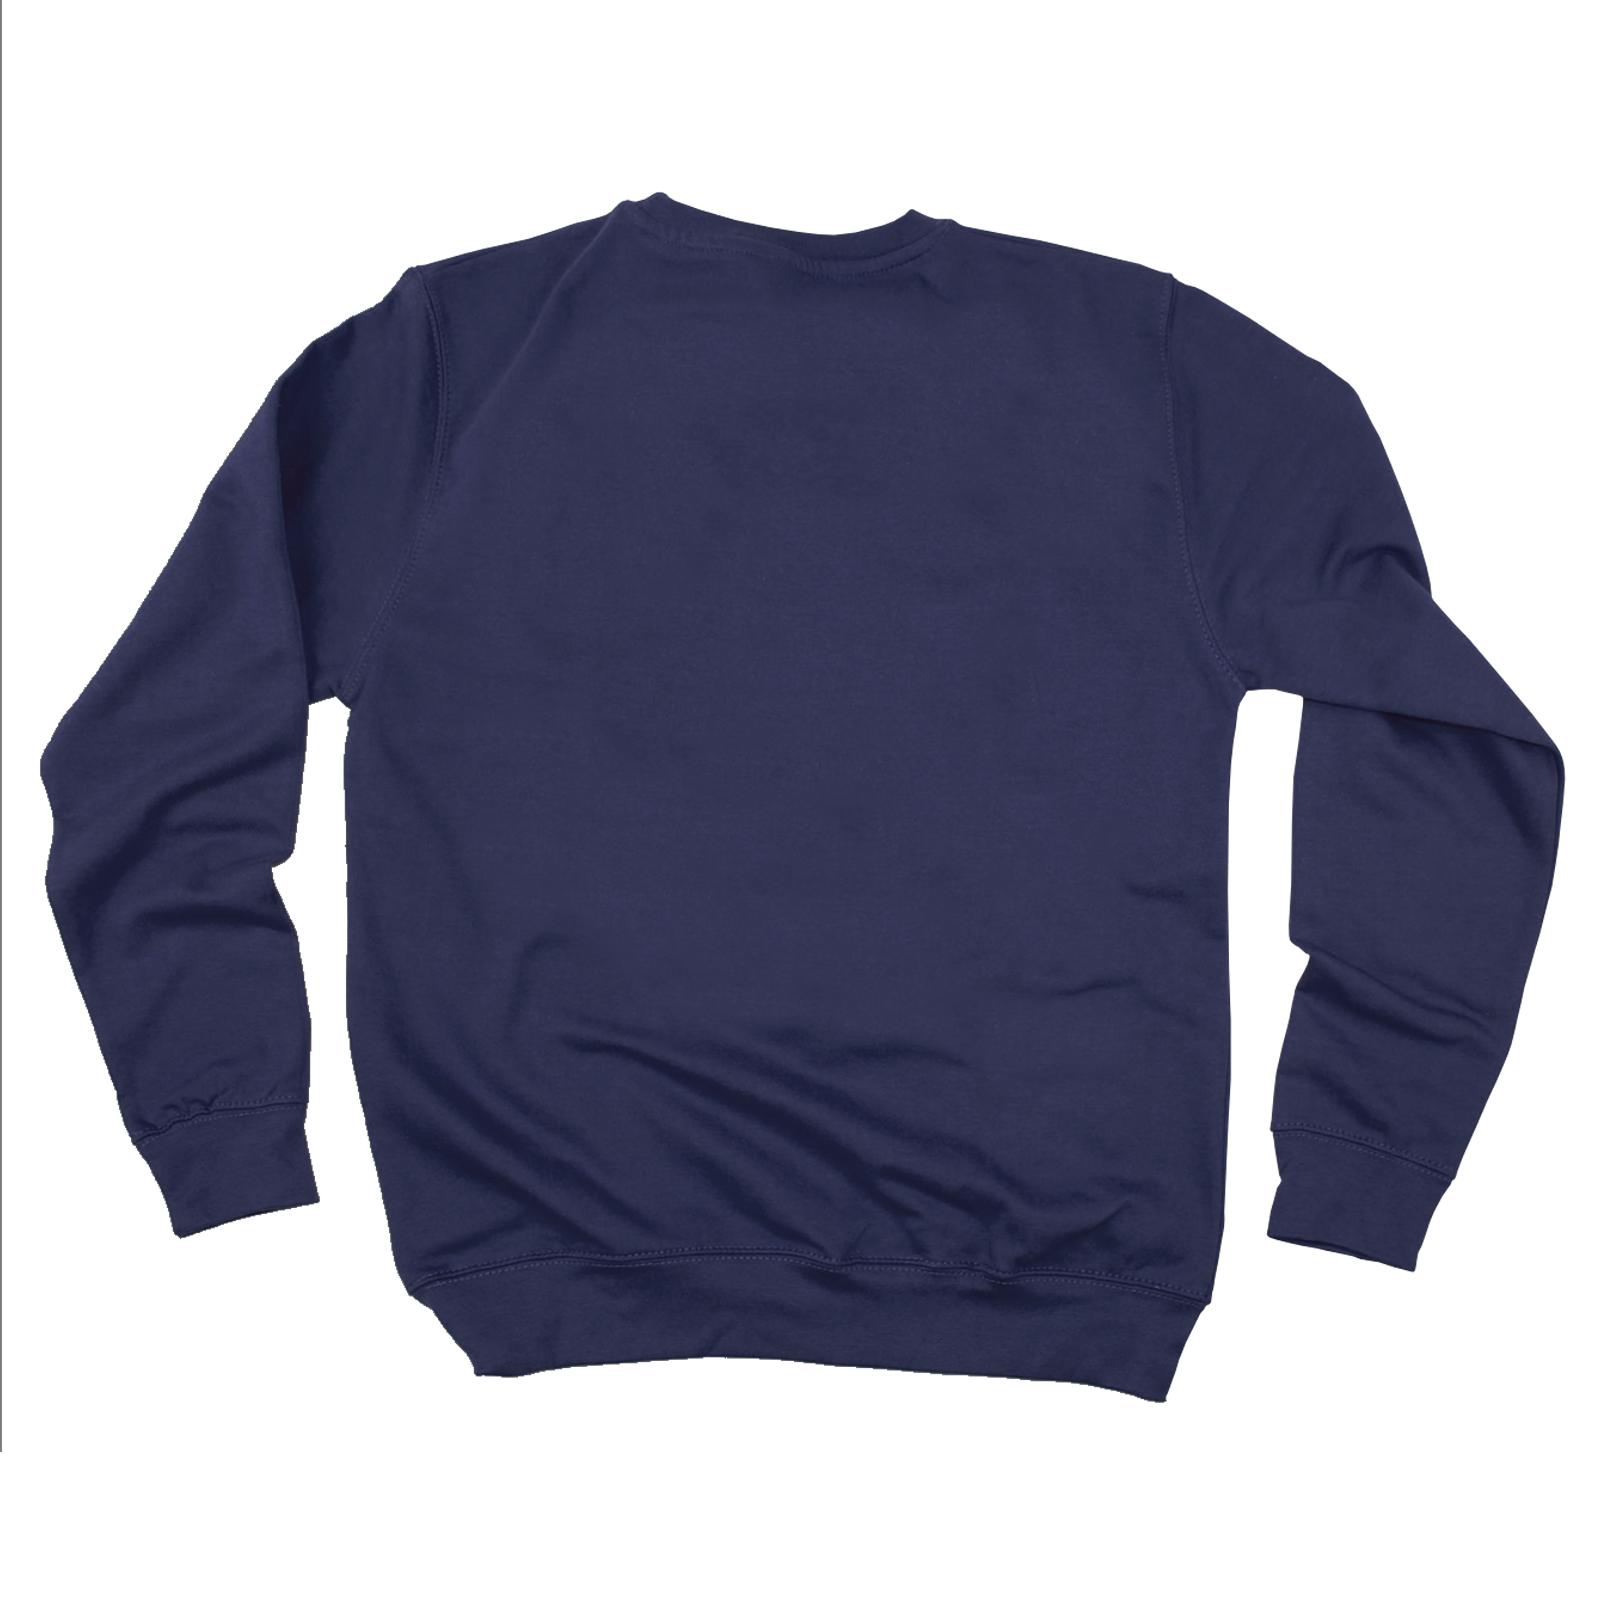 Funny-Sweatshirt-Jenius-Genius-Birthday-Joke-Humour-tee-Gift-Novelty-JUMPER thumbnail 9